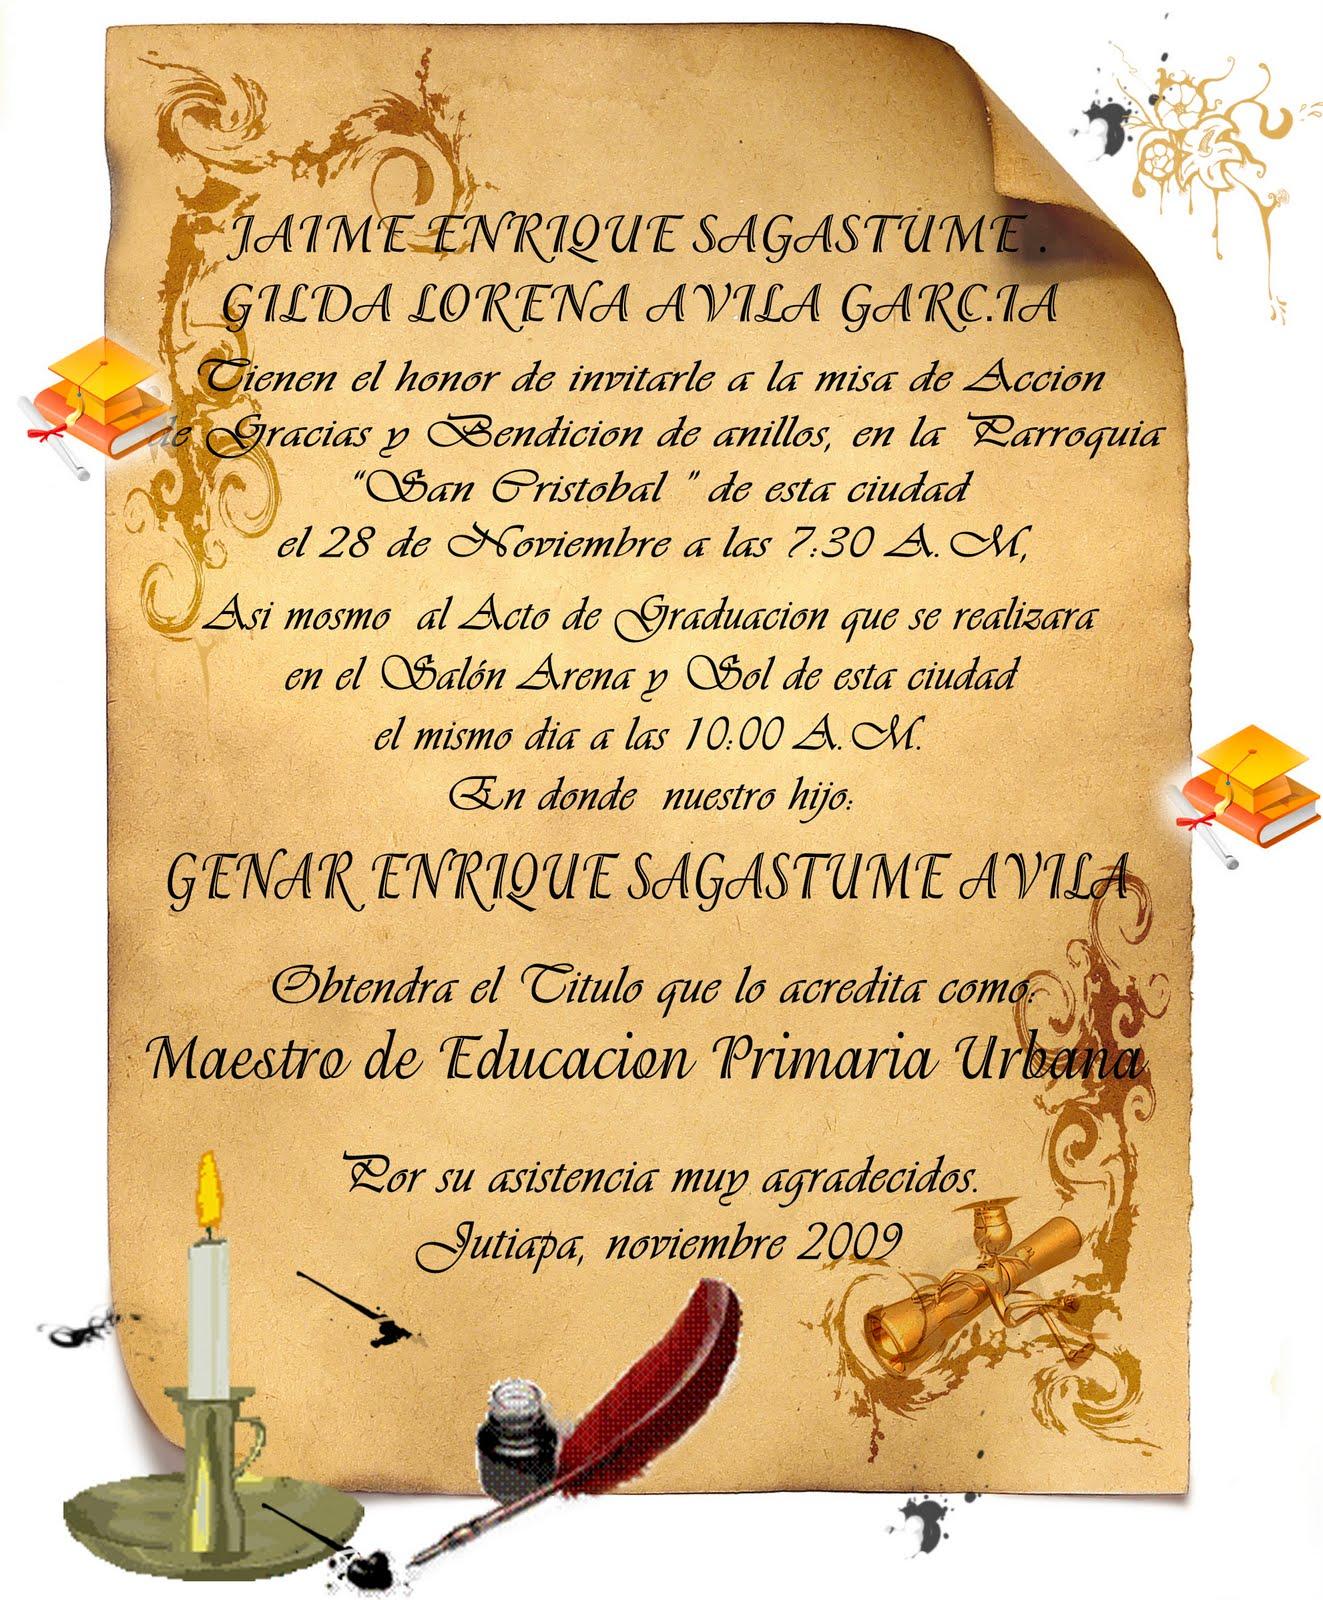 Pin 007 Invitaciones Para Graduaciones De La Graduacion on Pinterest